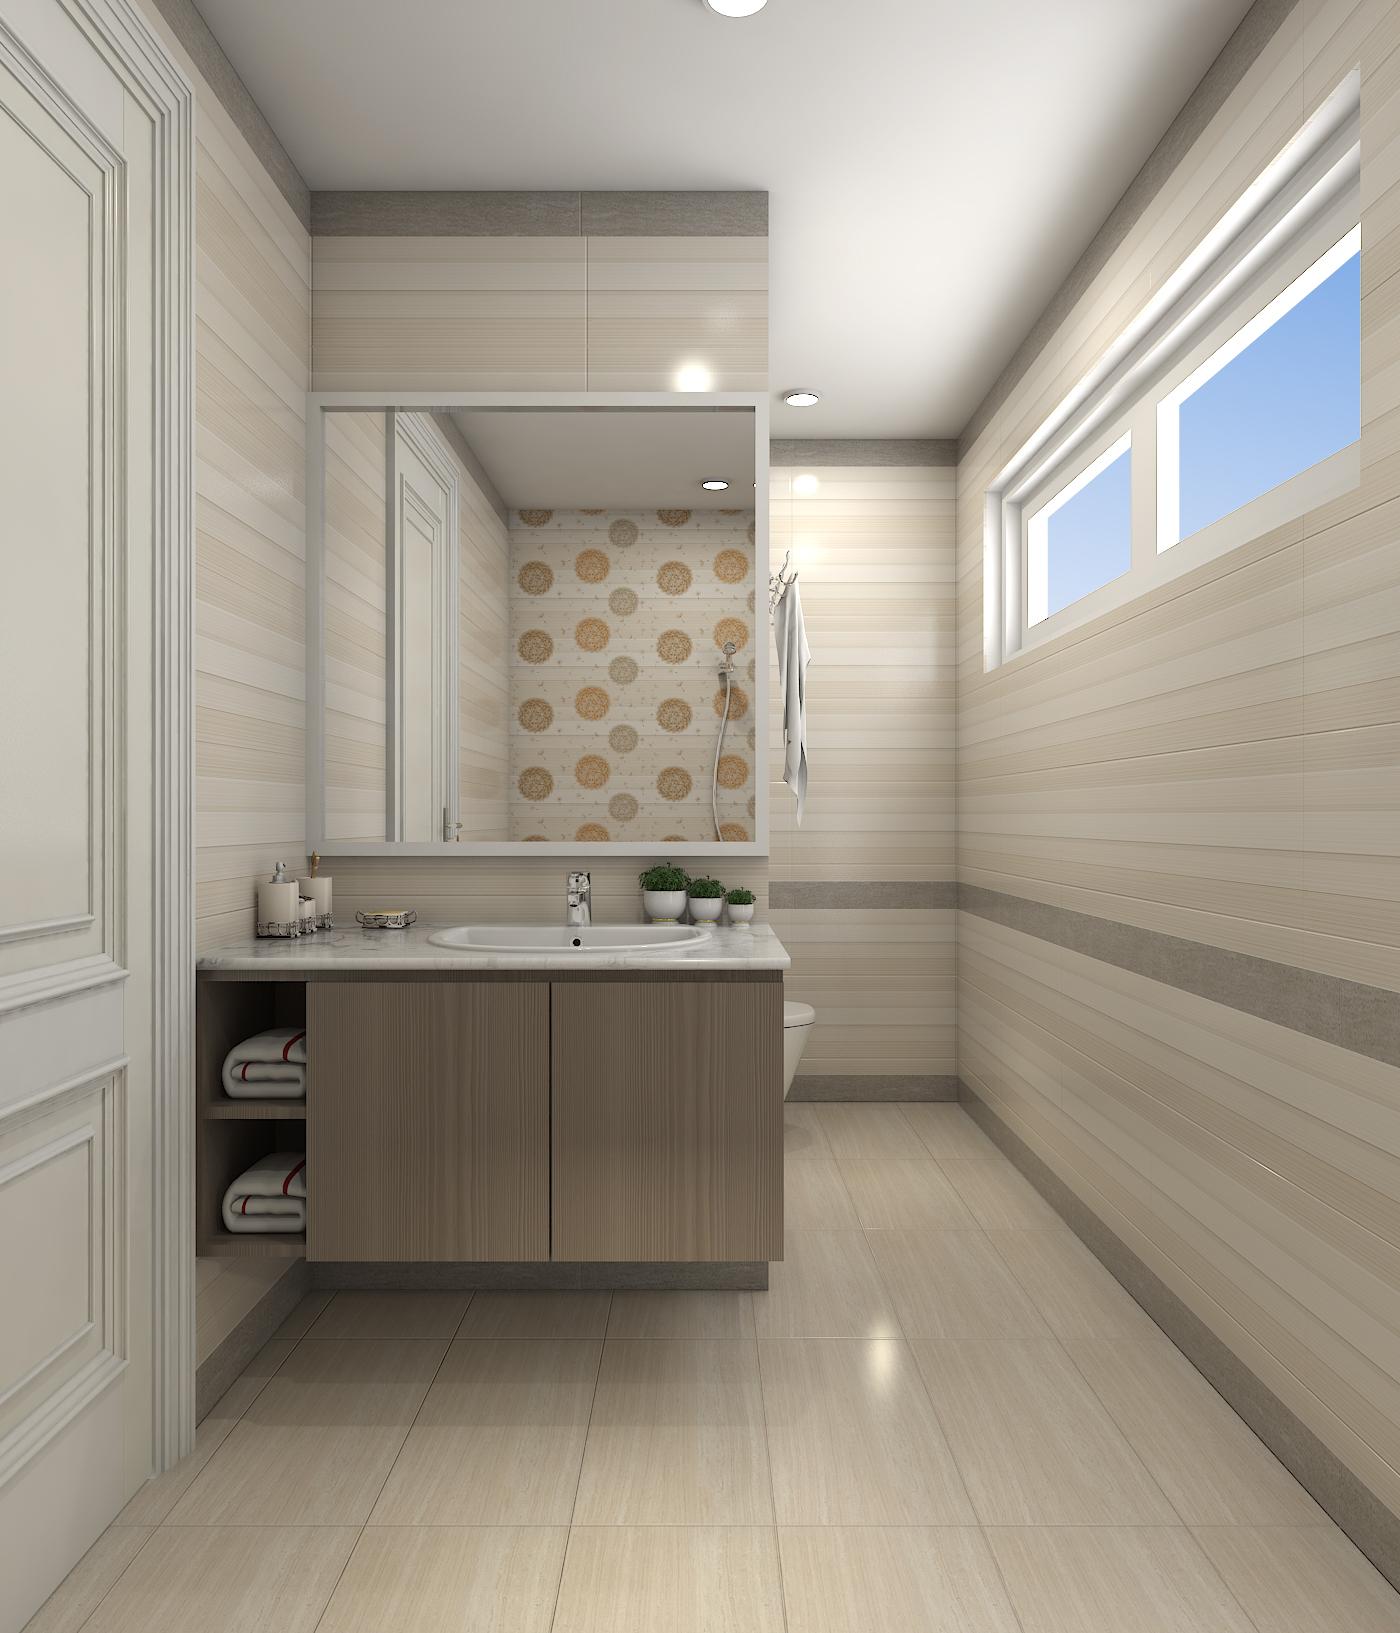 Gợi ý thiết kế phòng tắm trông rộng hơn